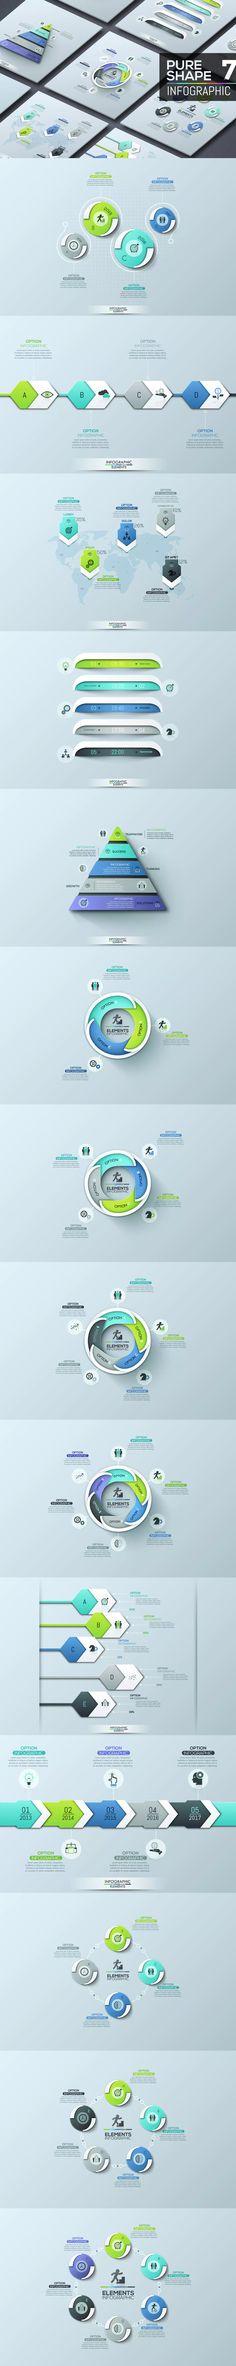 Pure Shape Infographic AI, EPS, PSD #unlimiteddownloads